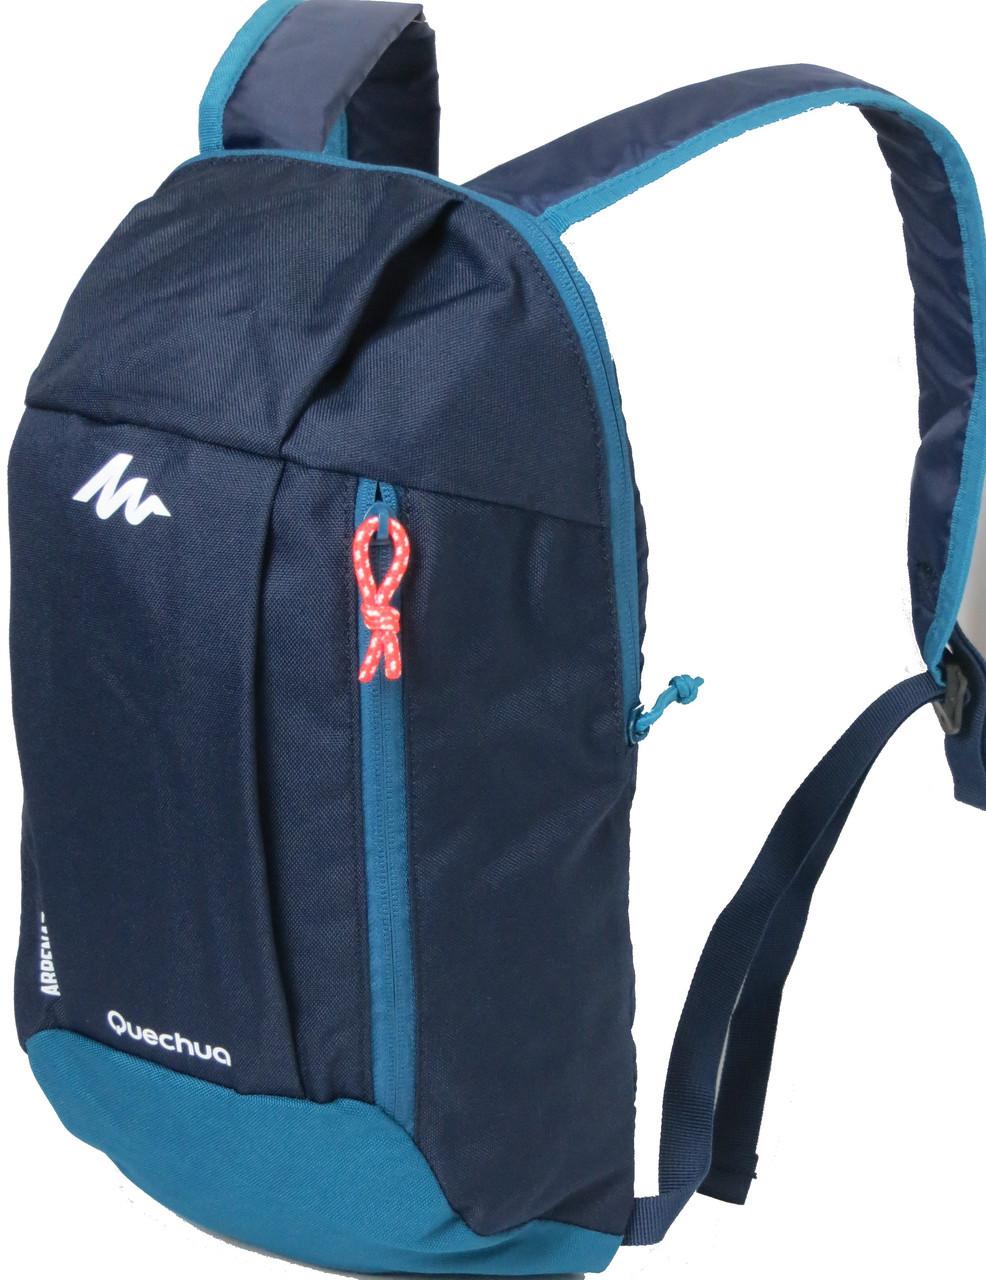 f6c768119cc8 Рюкзак городской Quechua ARPENAZ синий 630328 10 л - Интернет-магазин  ФЛАГМАН ВЕЛО в Конотопе